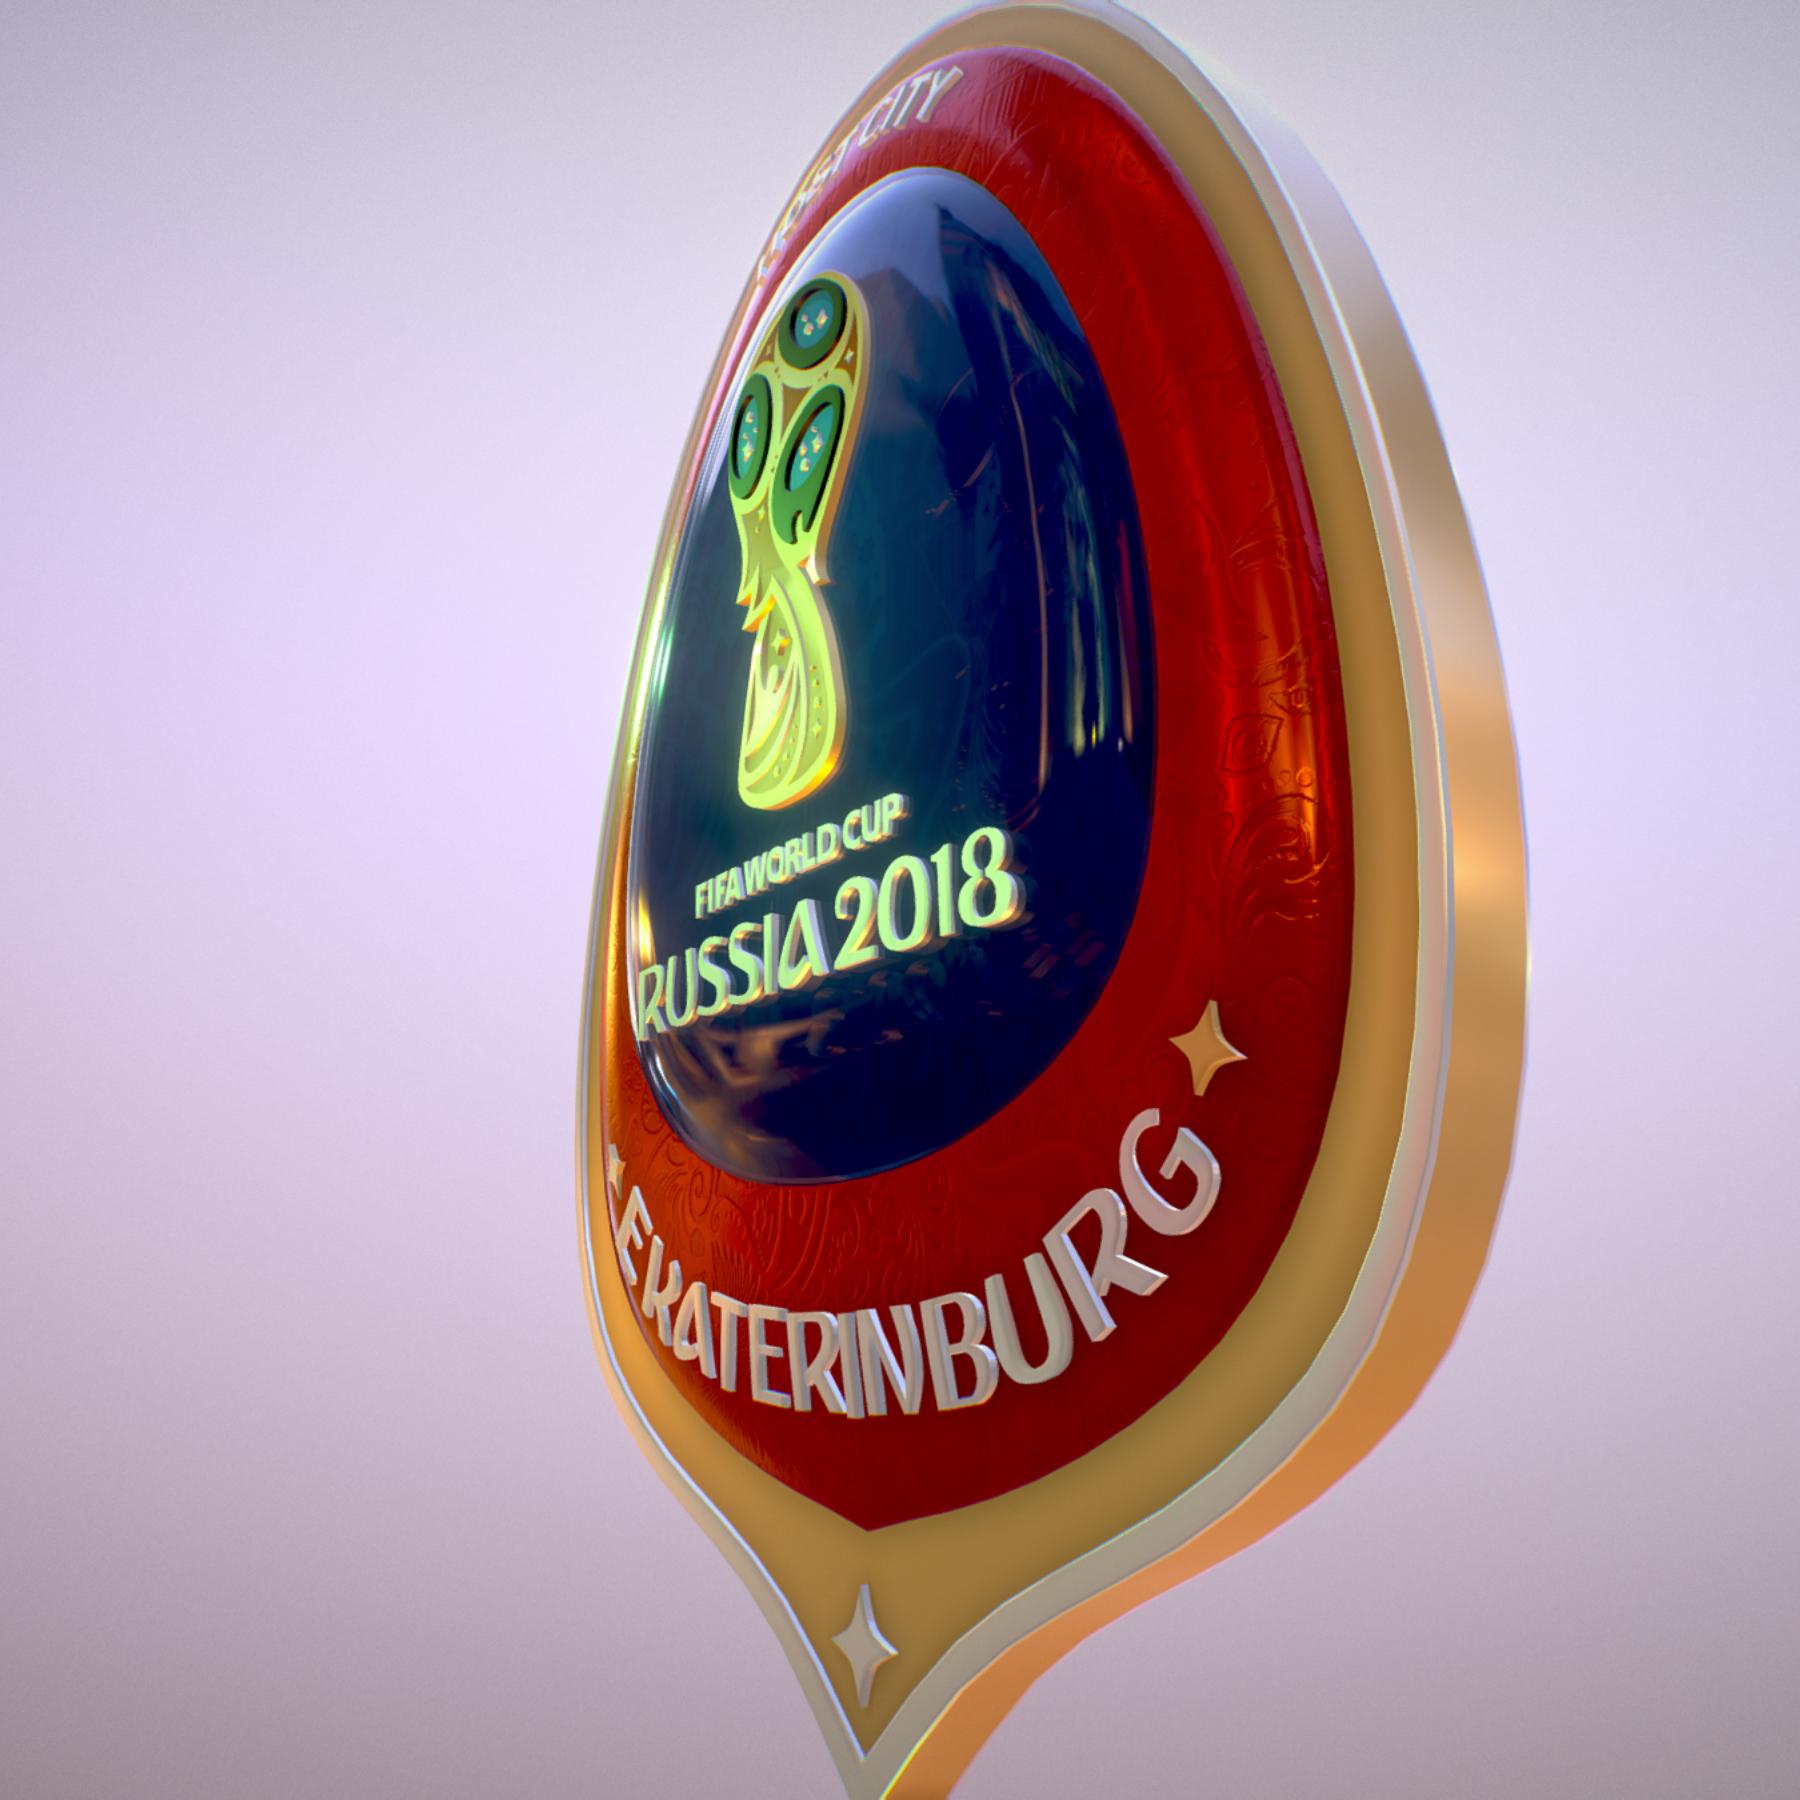 ekaterinburg city world cup russia 2018 symbol 3d model max  fbx jpeg jpg ma mb obj 271735